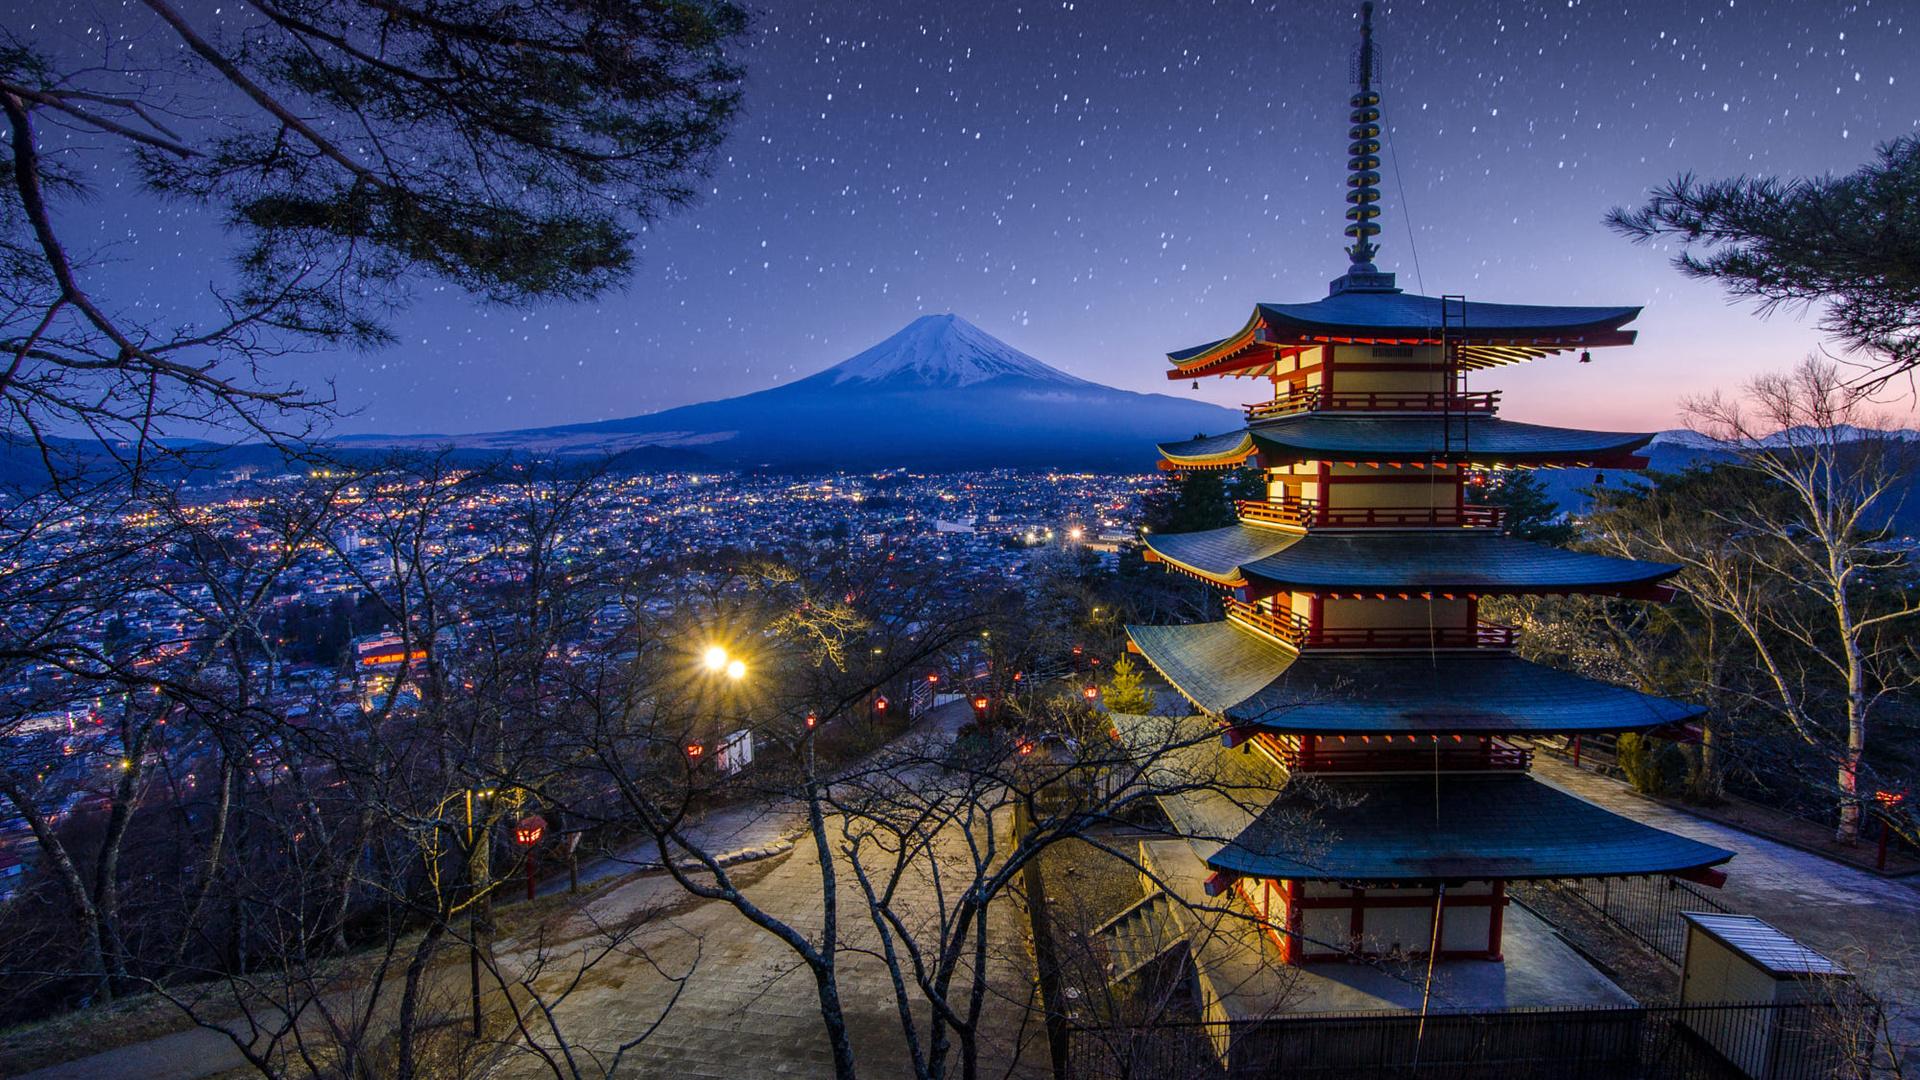 небо, деревья, пейзаж, ночь, природа, гора, весна, звёзды, вулкан, Япония, освещение, храм, пагода, фудзияма